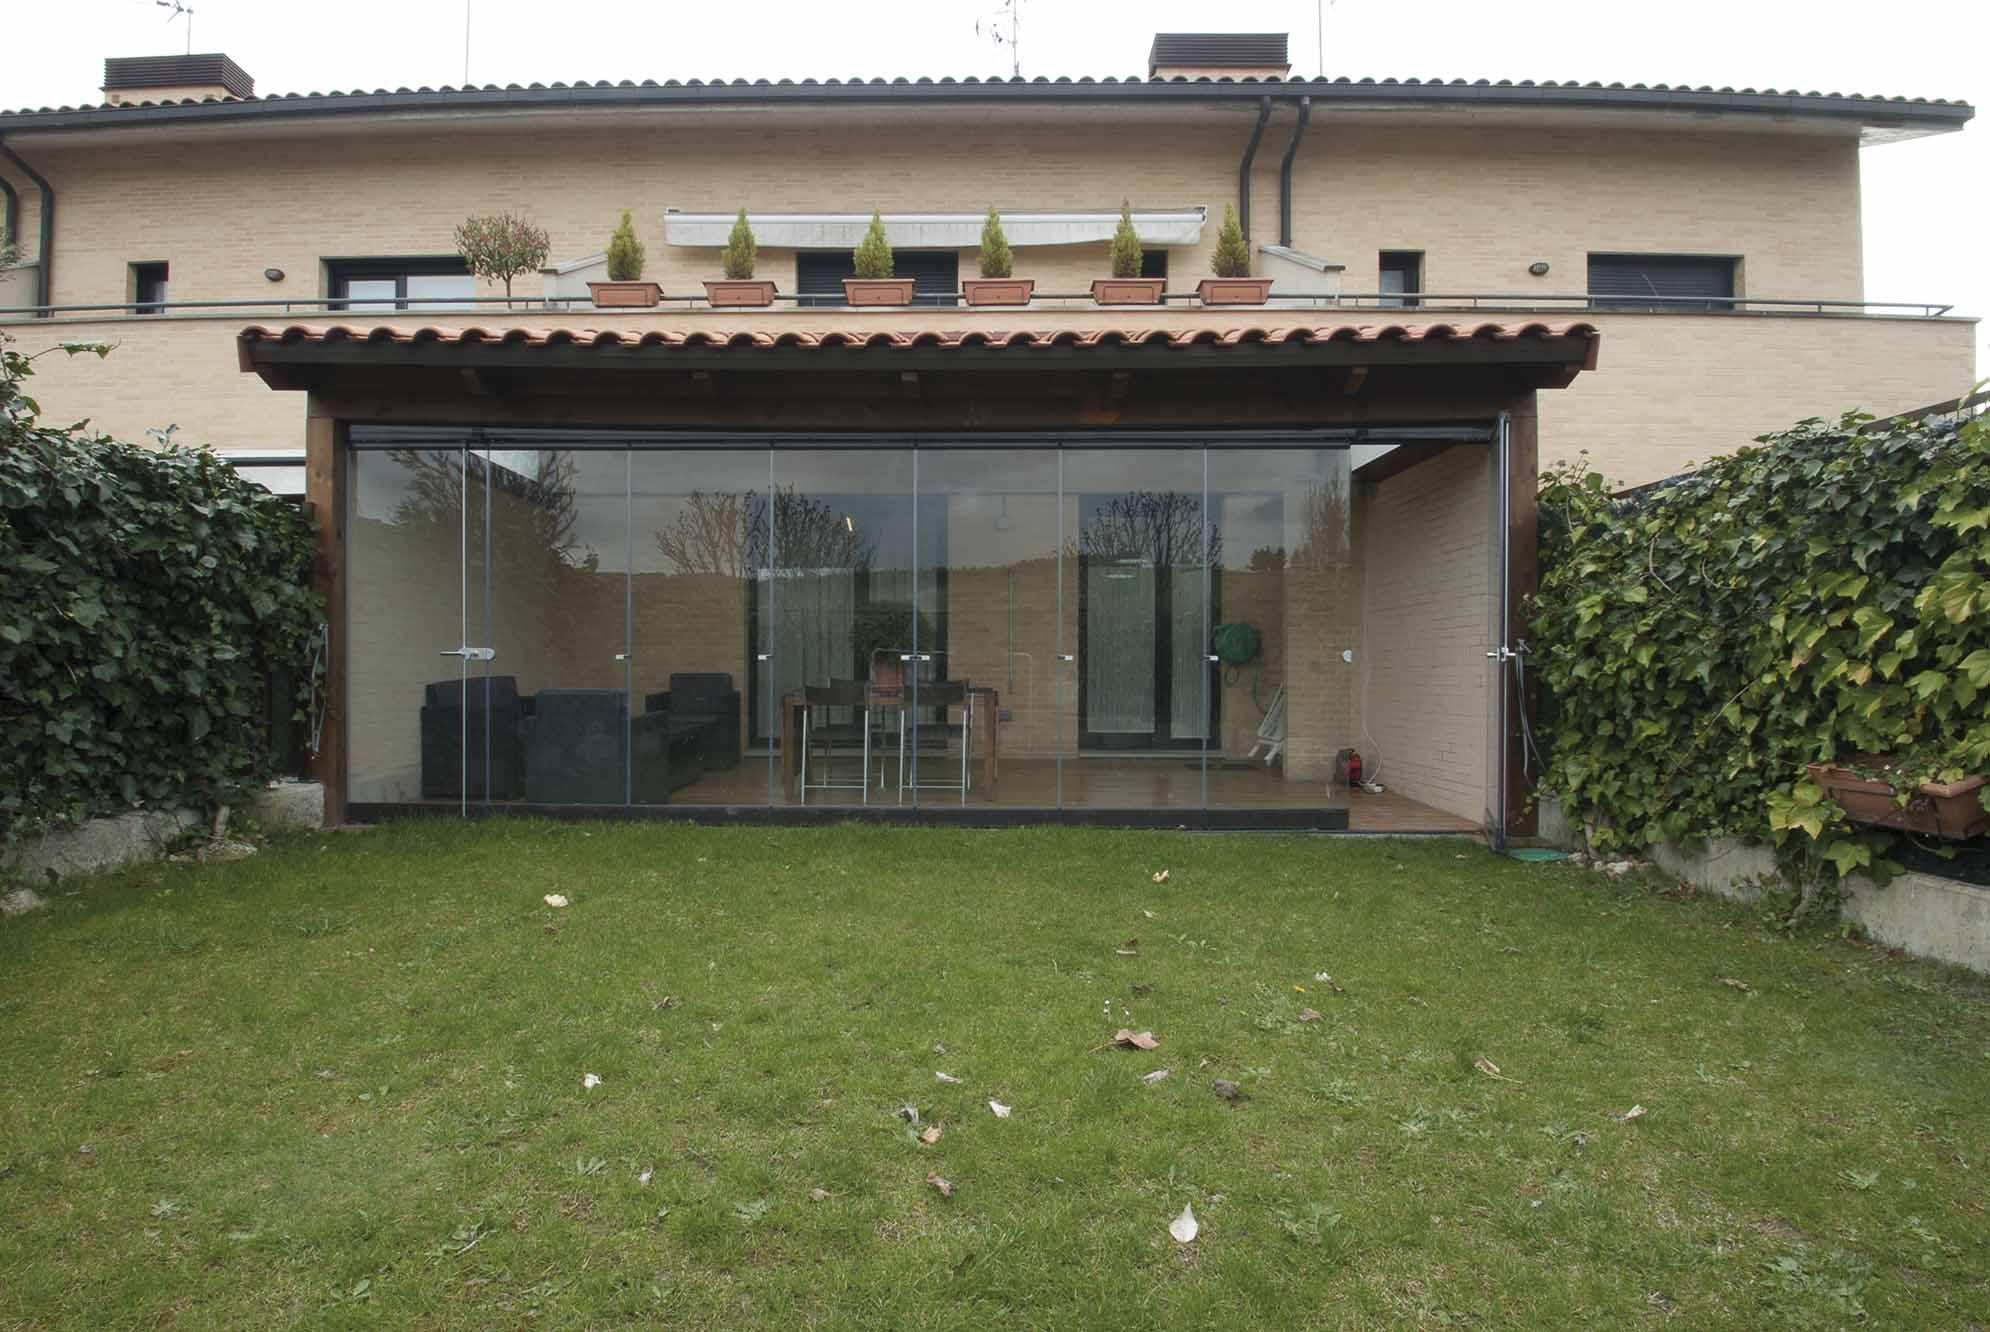 cerramientos-cristal-porches-jardines-aticos-15